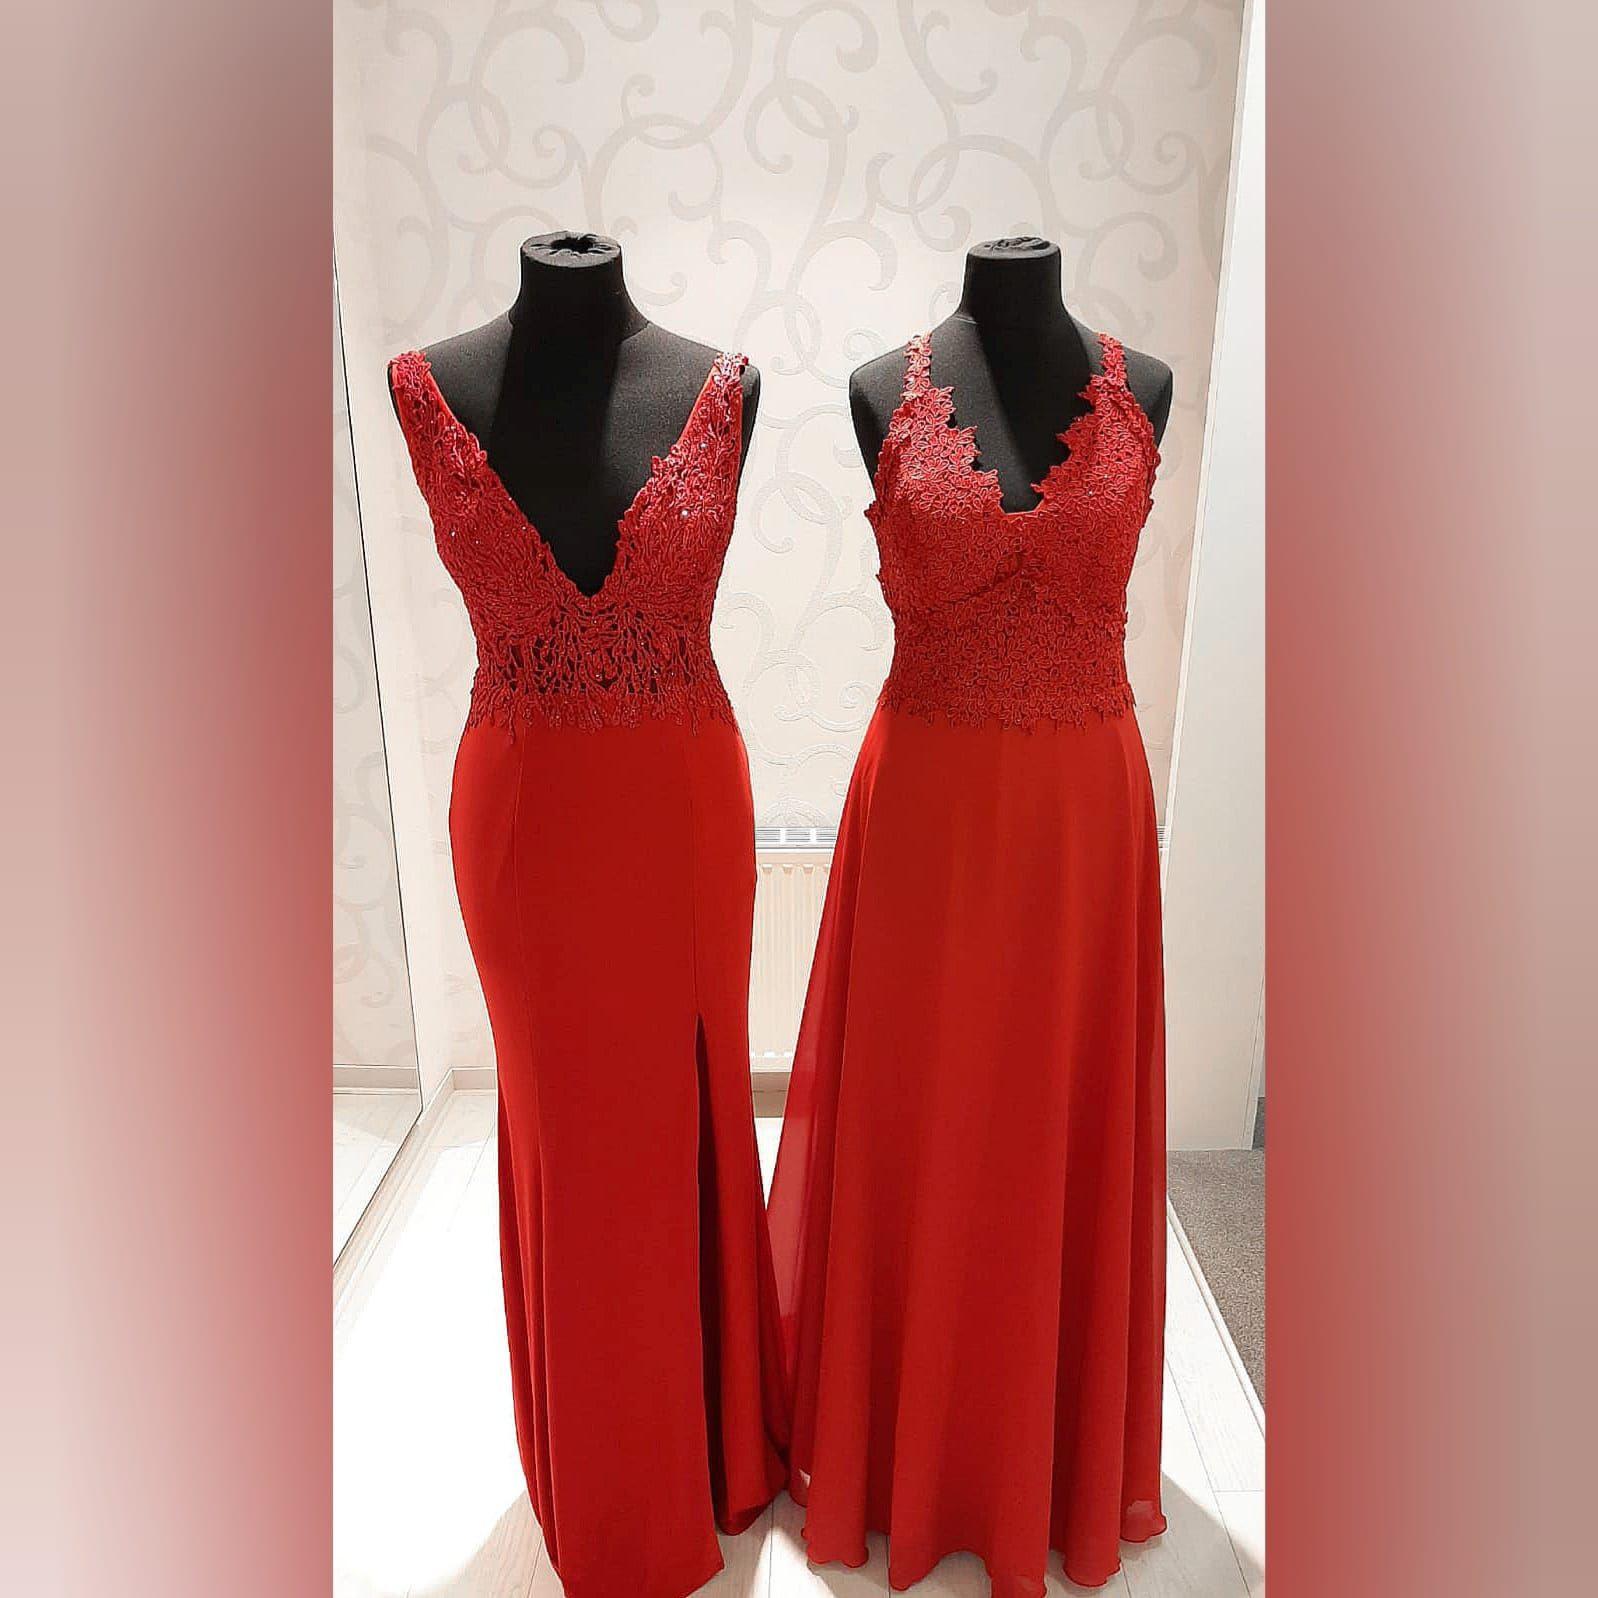 15 Kleider Für Hochzeit Rot Süß  Designerkleidern